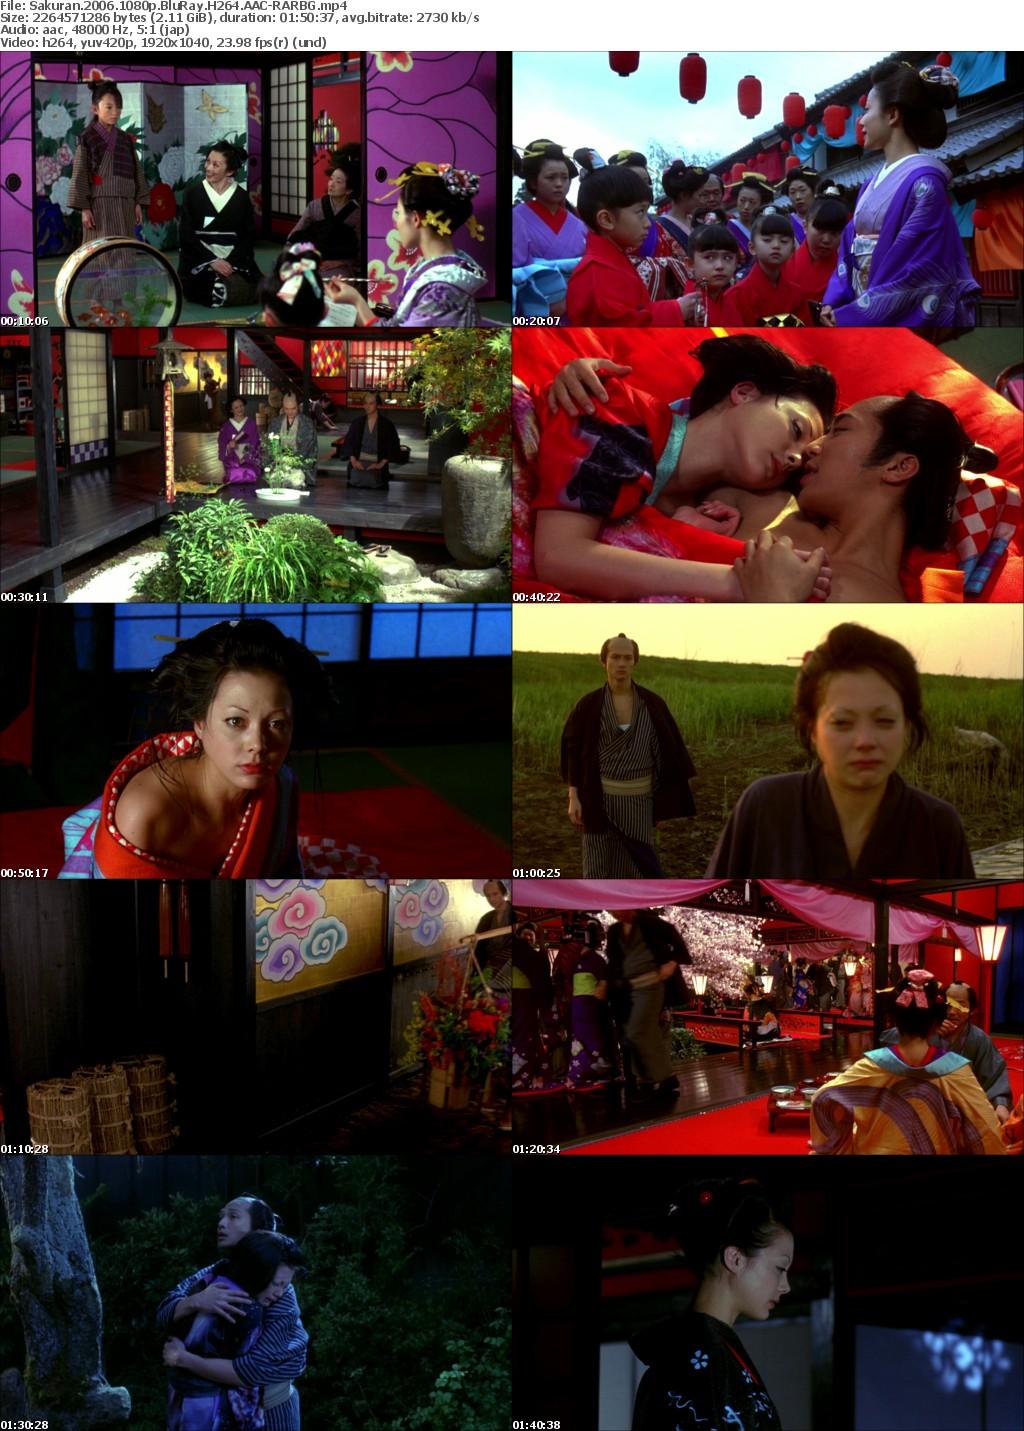 Sakuran 2006 1080p BluRay H264 AAC-RARBG